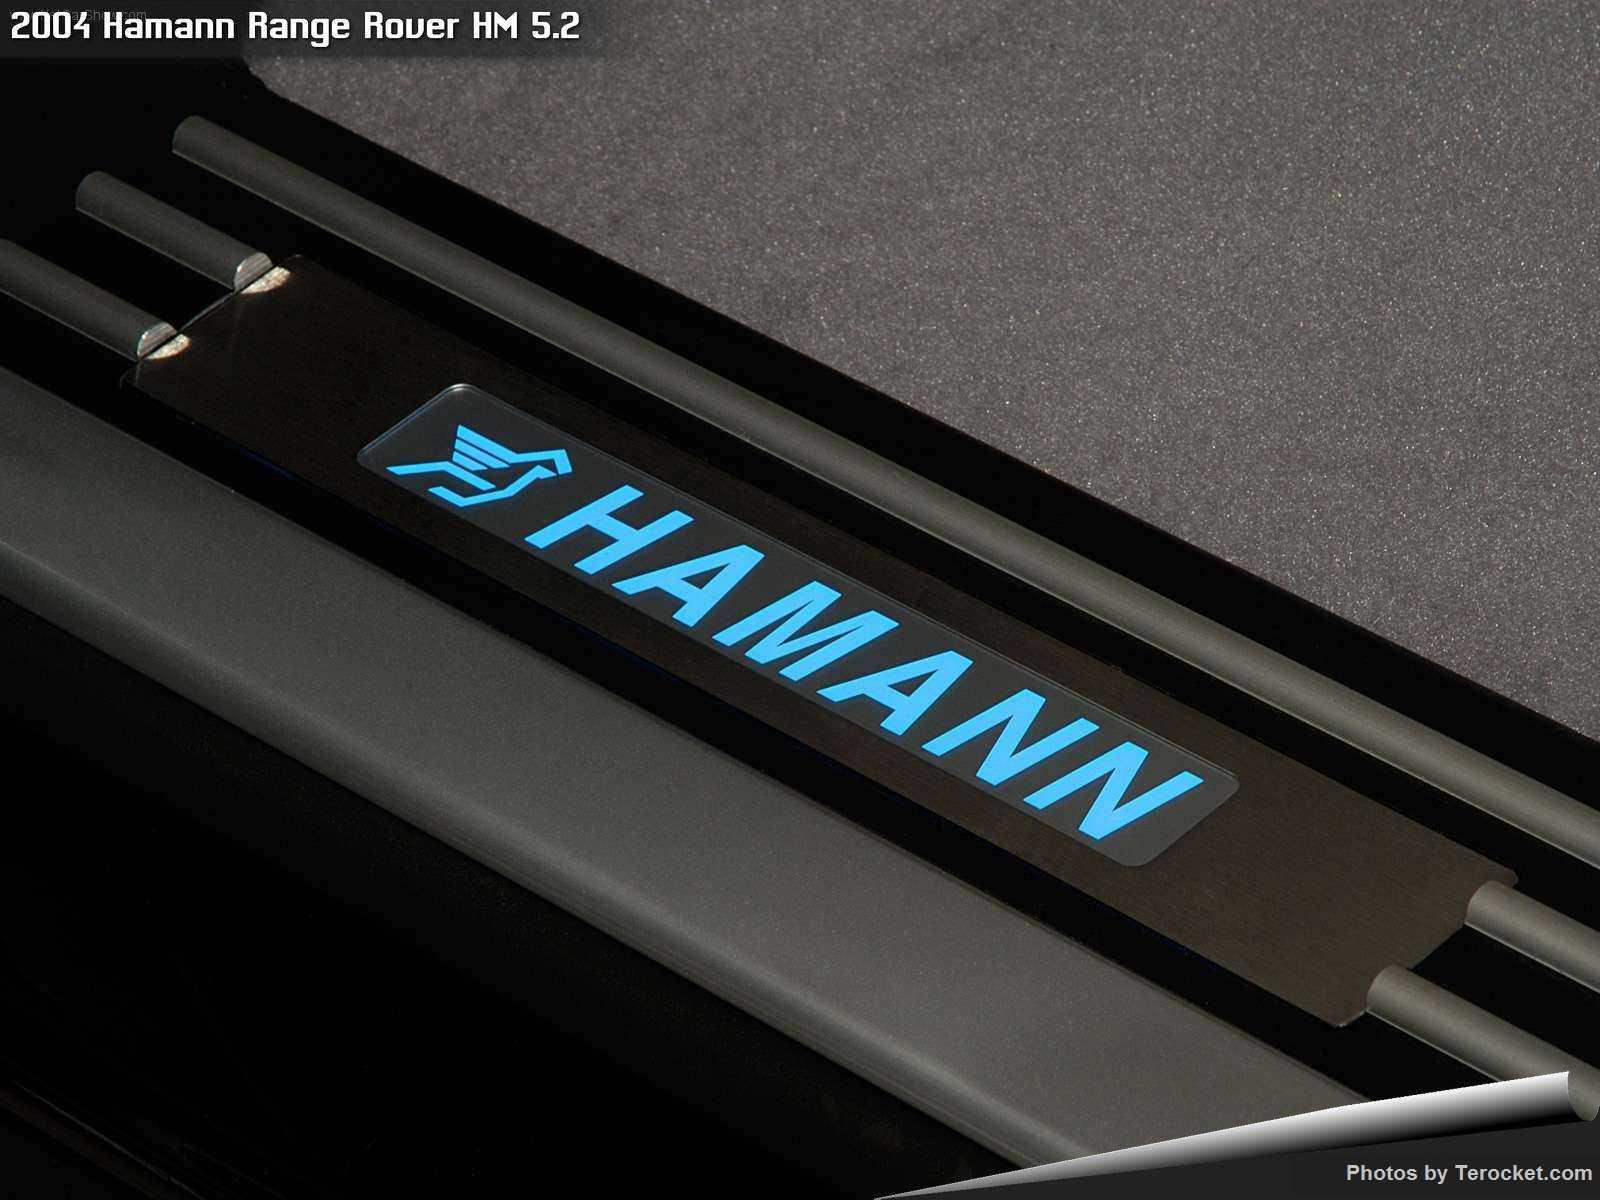 Hình ảnh xe ô tô Hamann Range Rover HM 5.2 2004 & nội ngoại thất